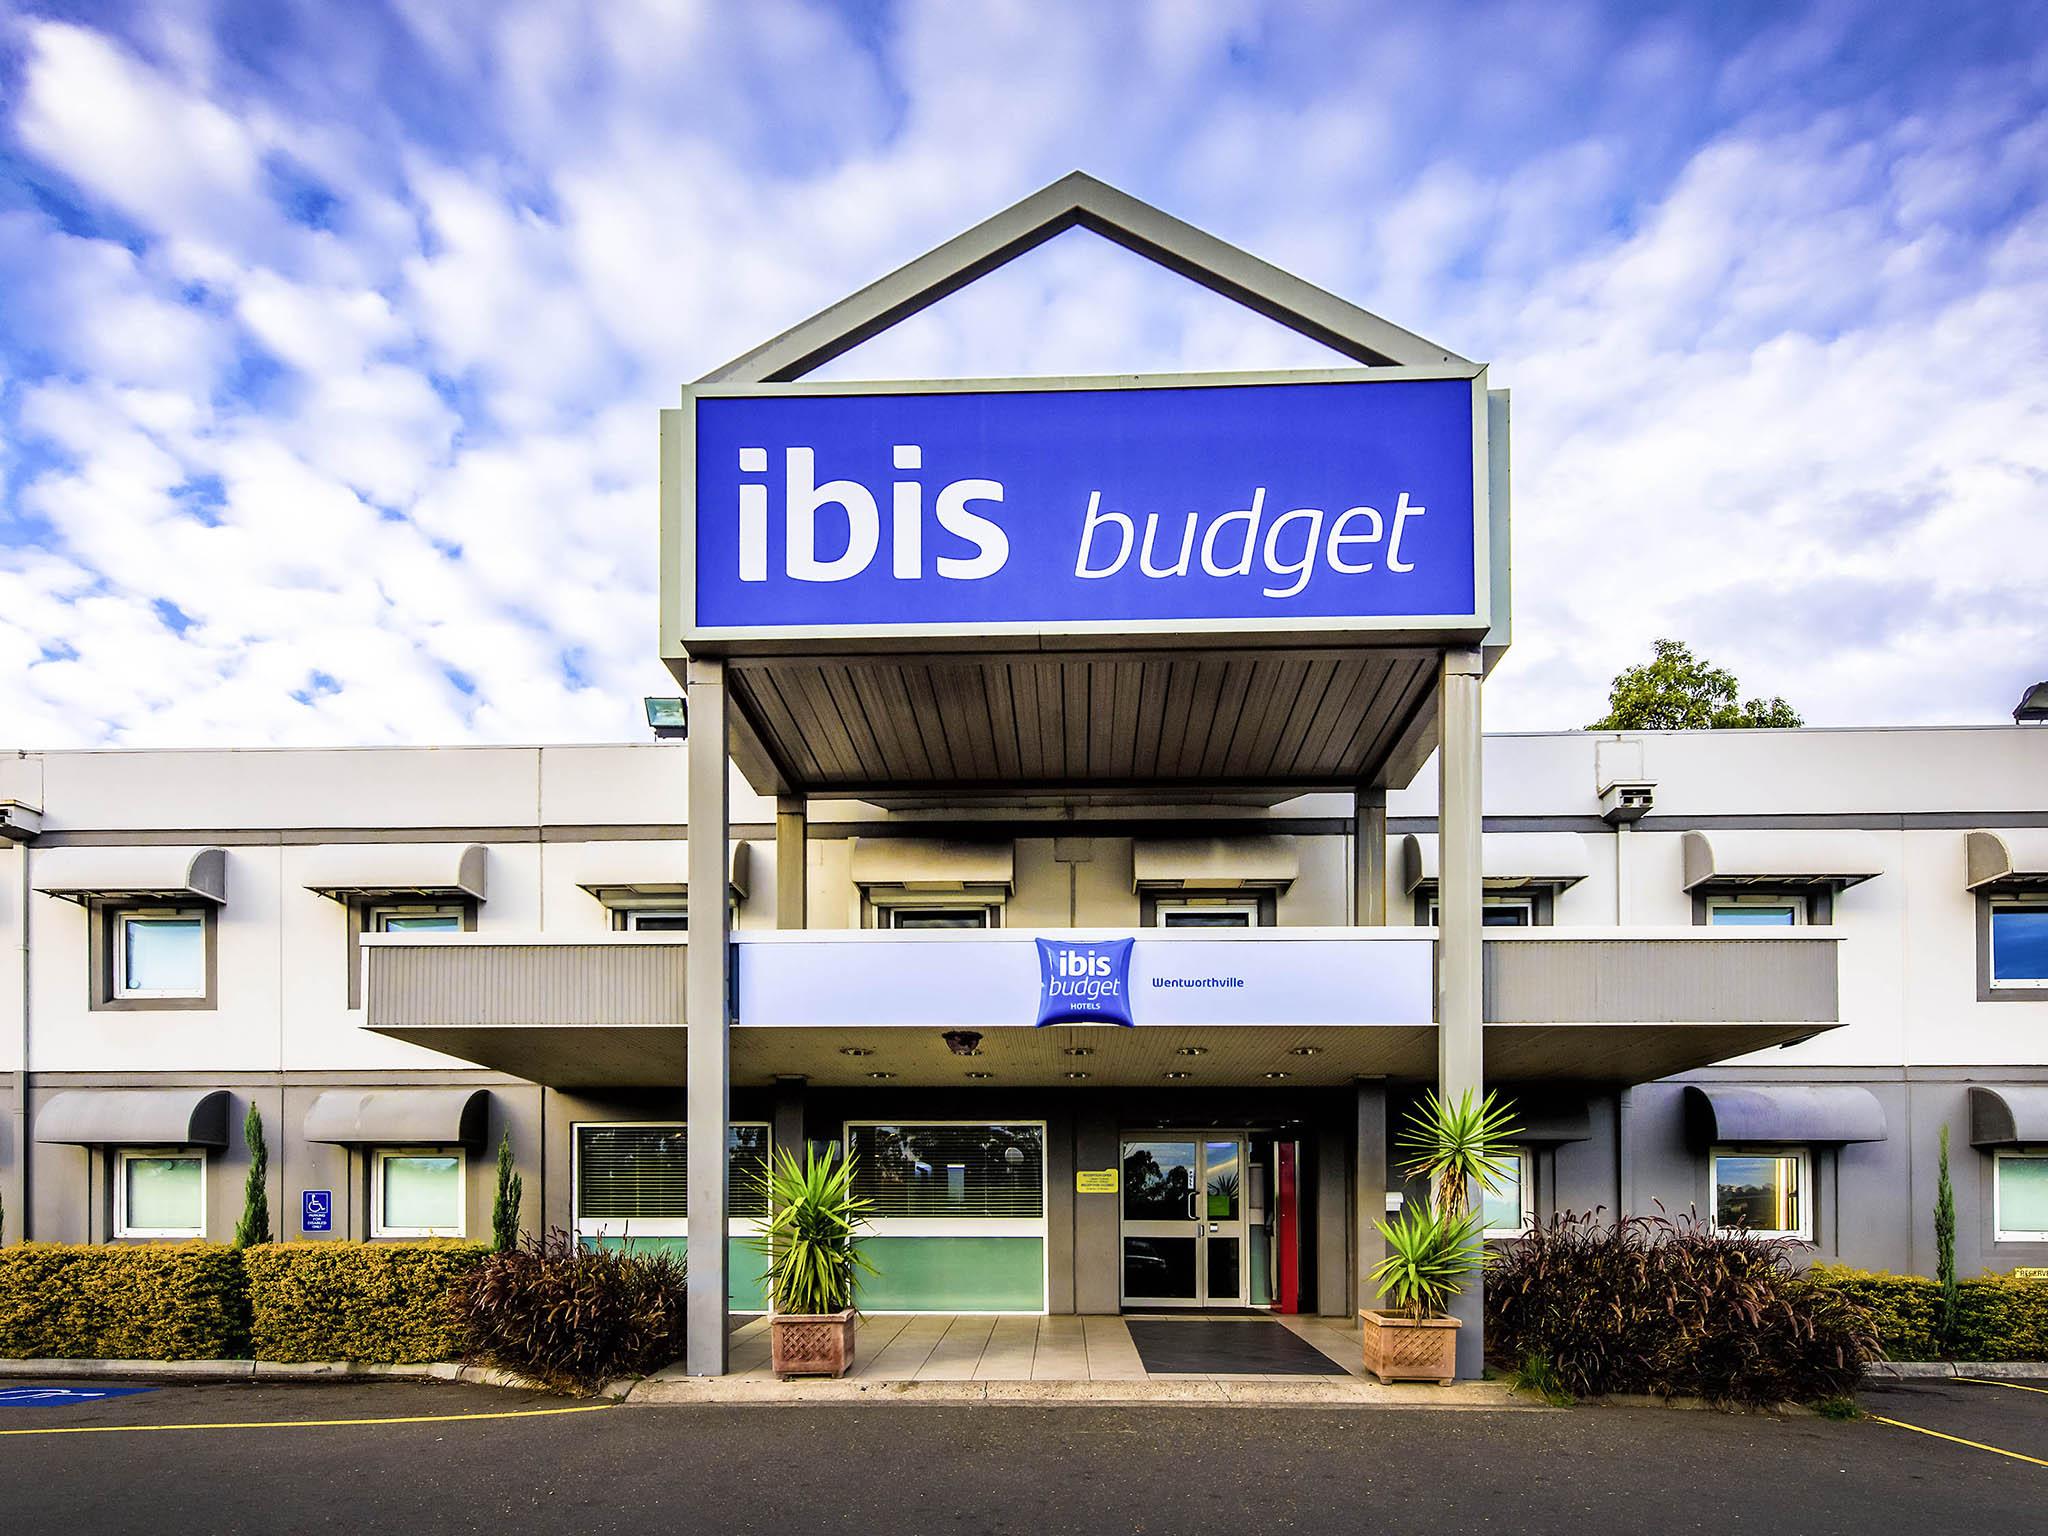 Hotel - ibis budget Wentworthville